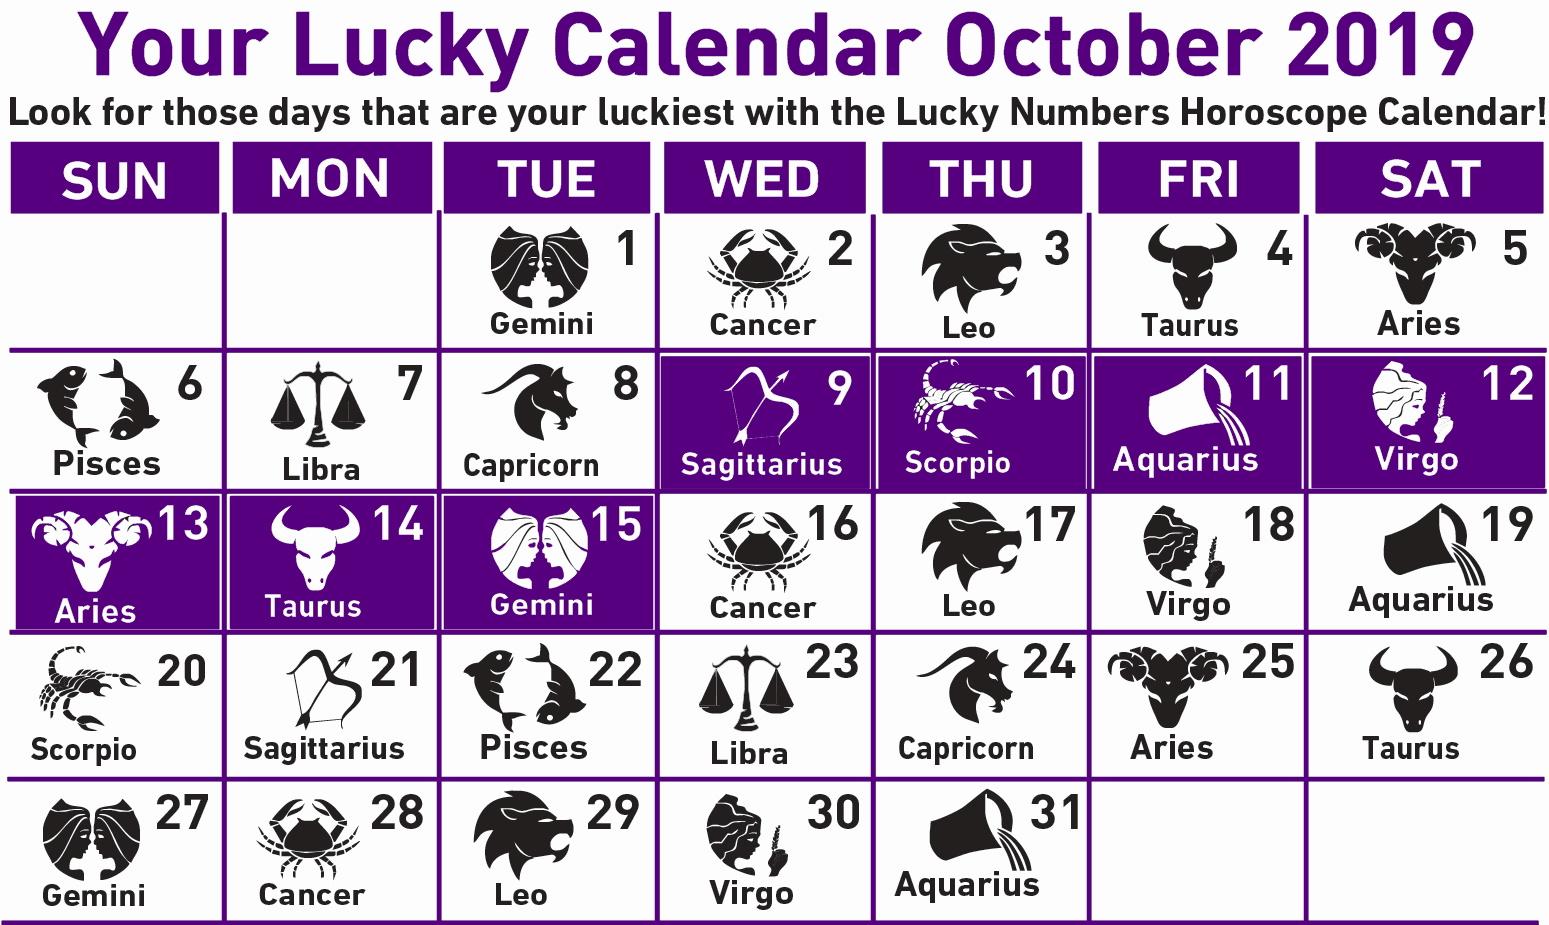 9 - 15 October 2019